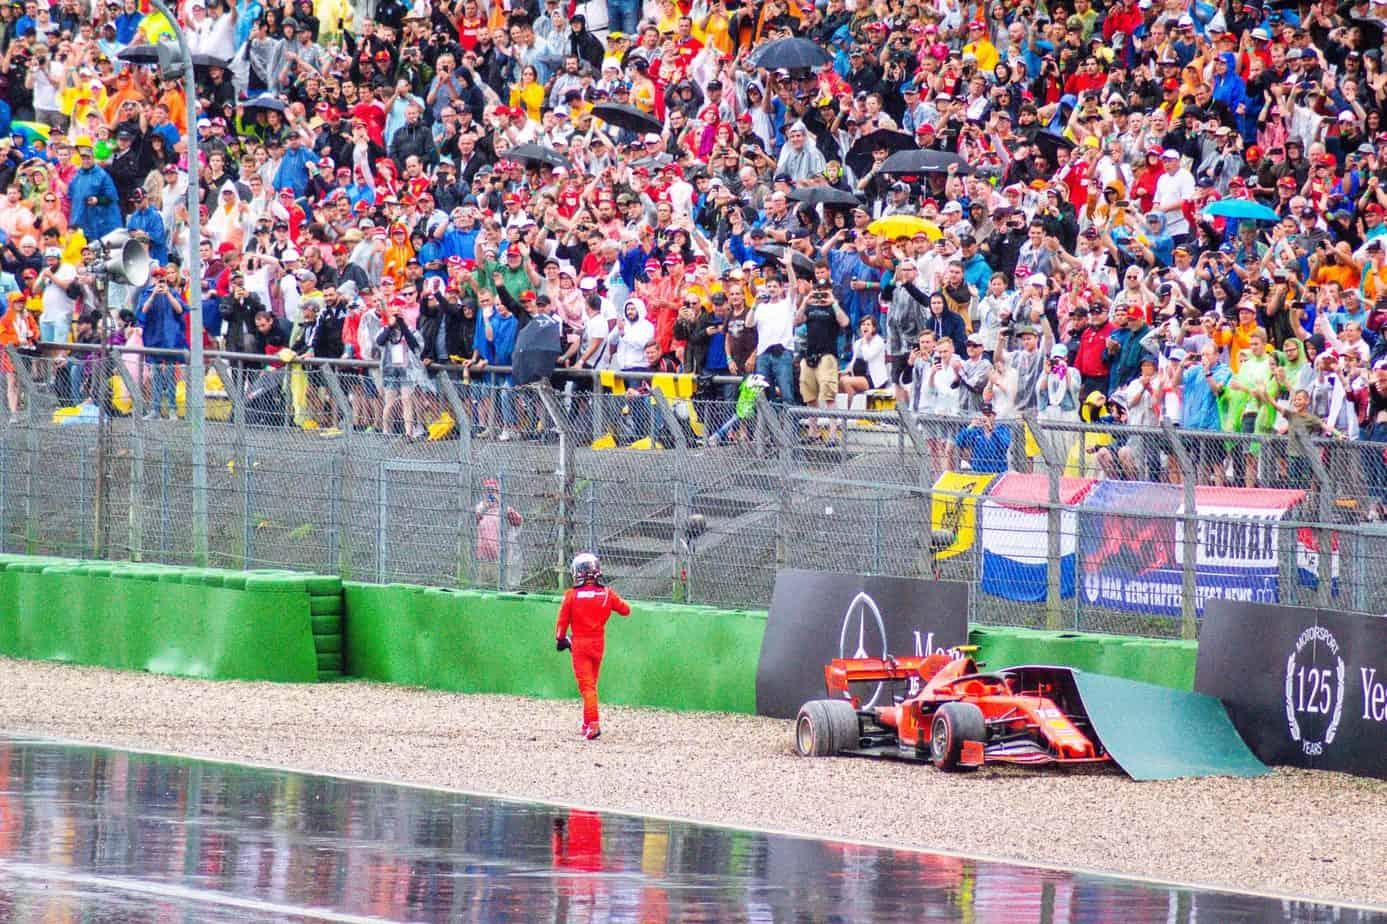 Władze F1 rozważają pomysł, który umożliwi wprowadzenie darmowych biletów